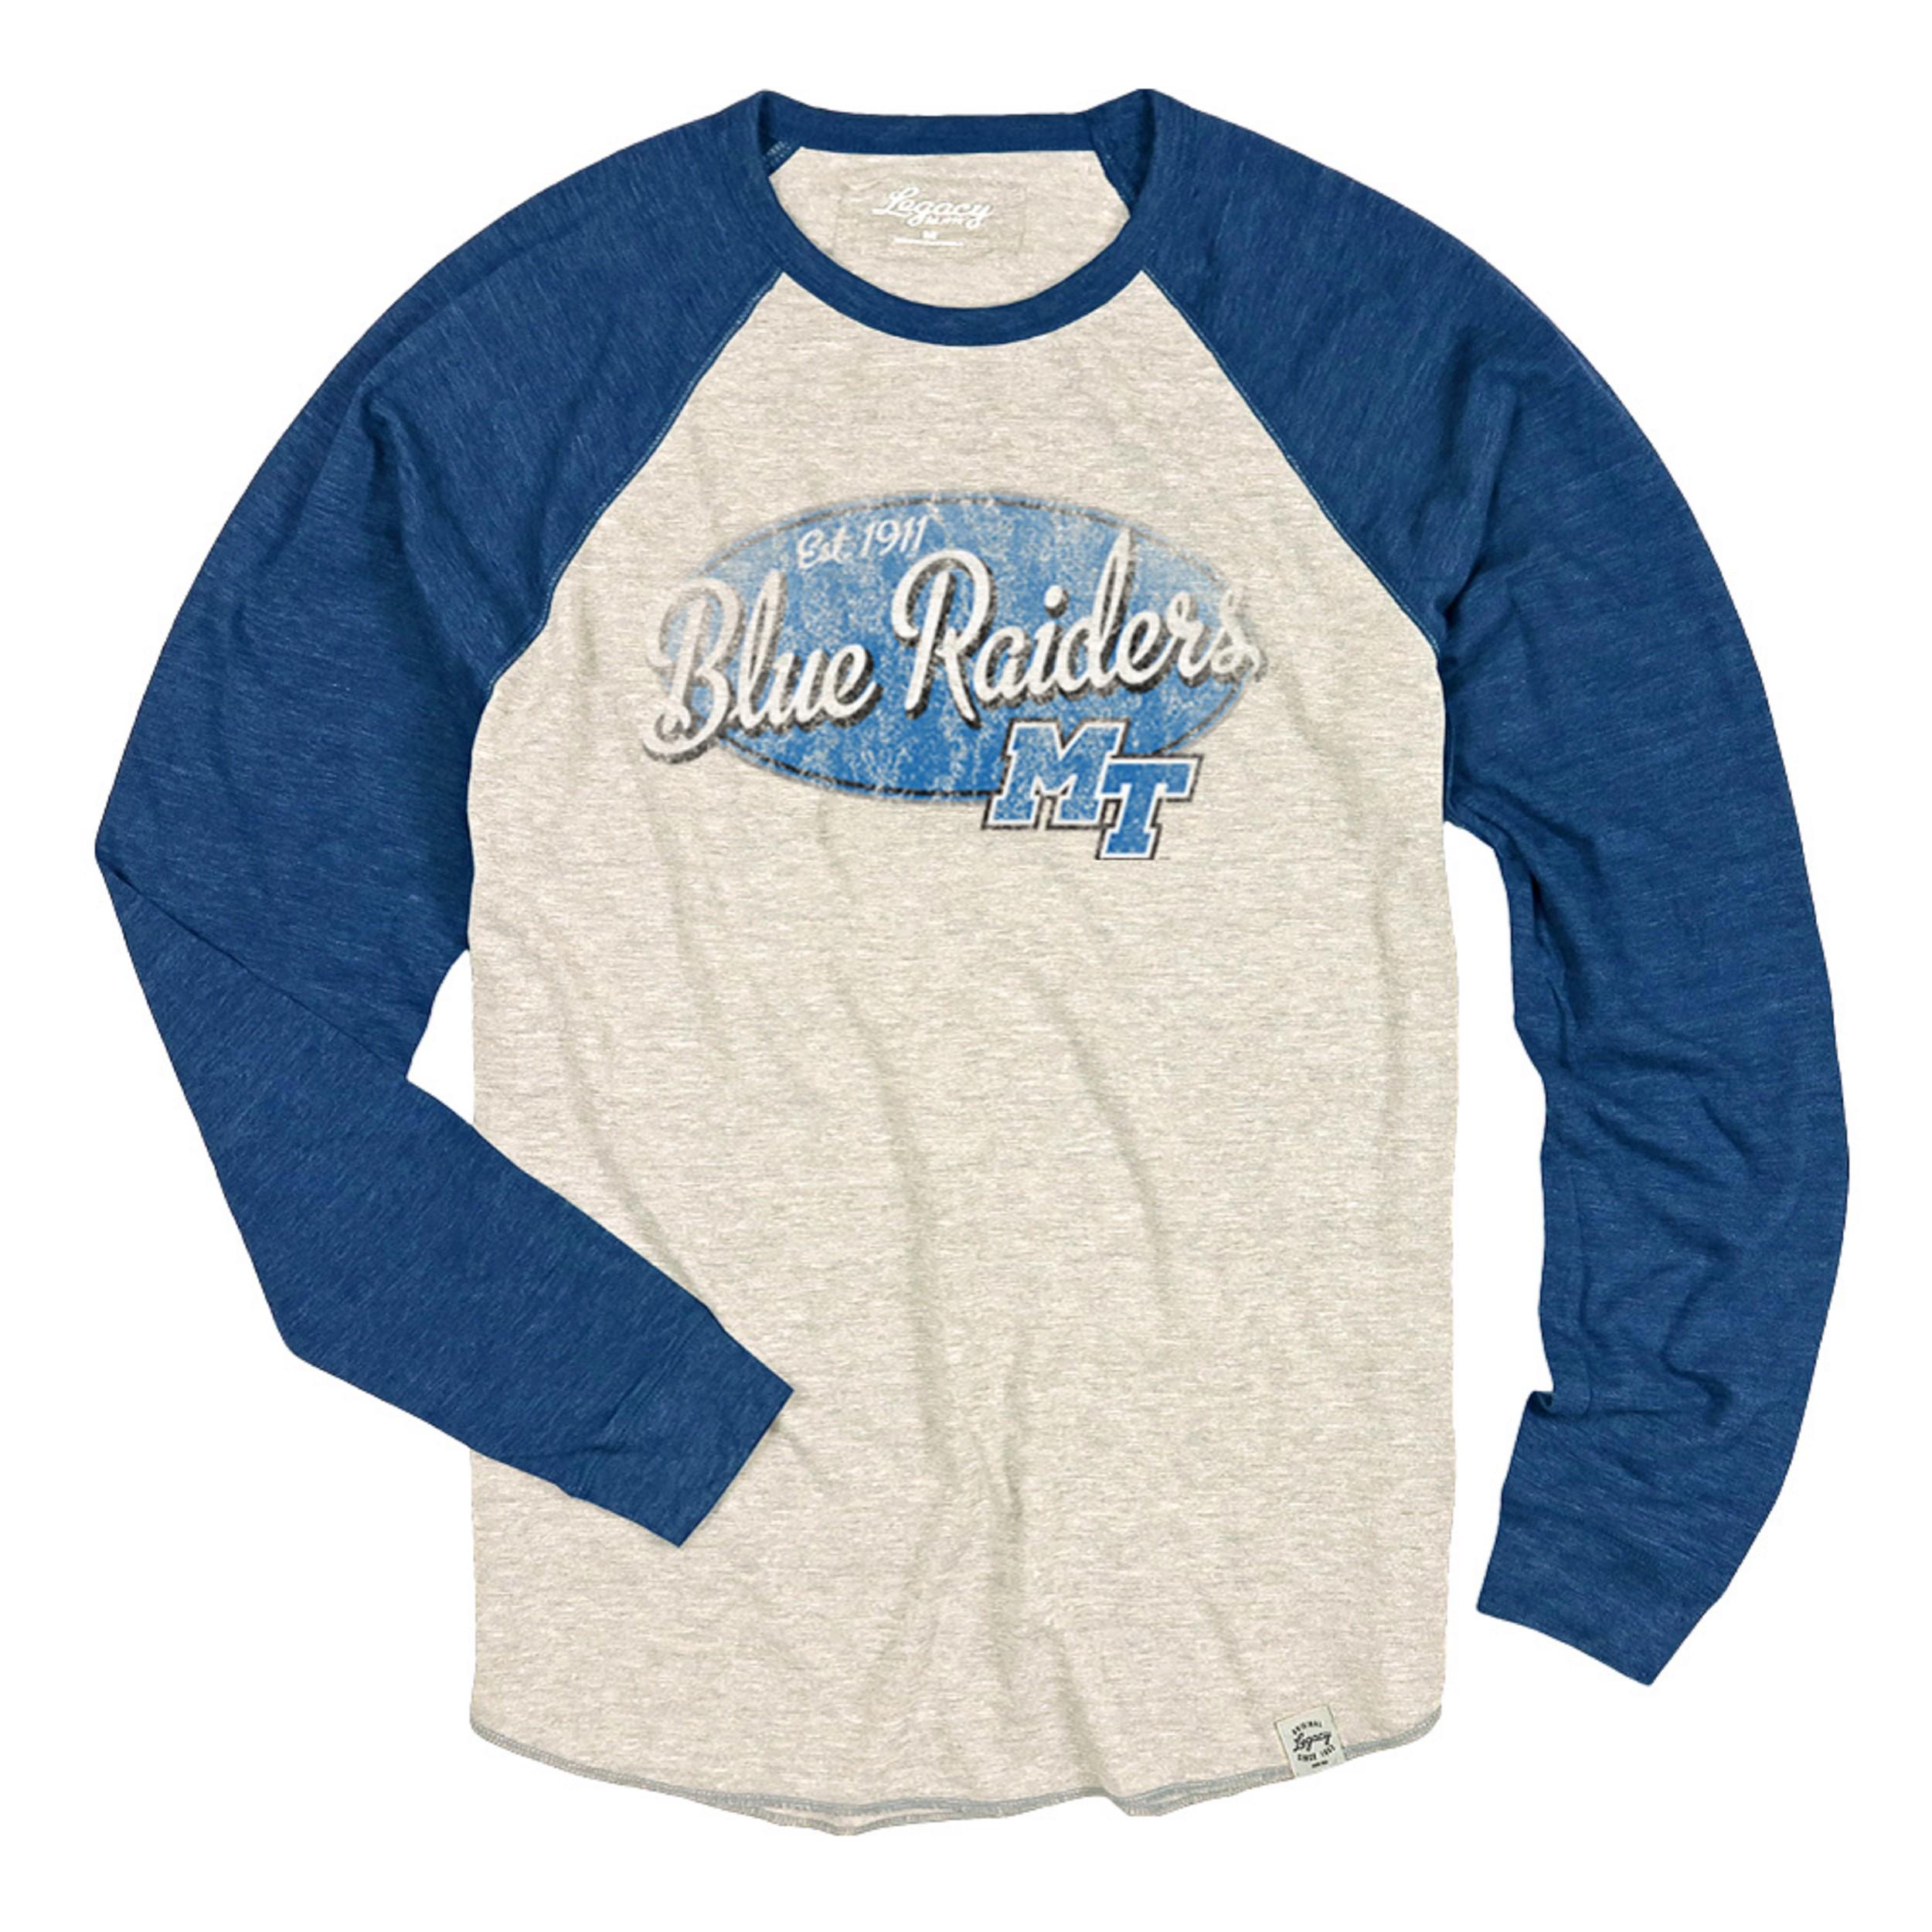 Blue Raiders Est. 1911 w/ MT Logo Tri-Blend Long Sleeve Raglan